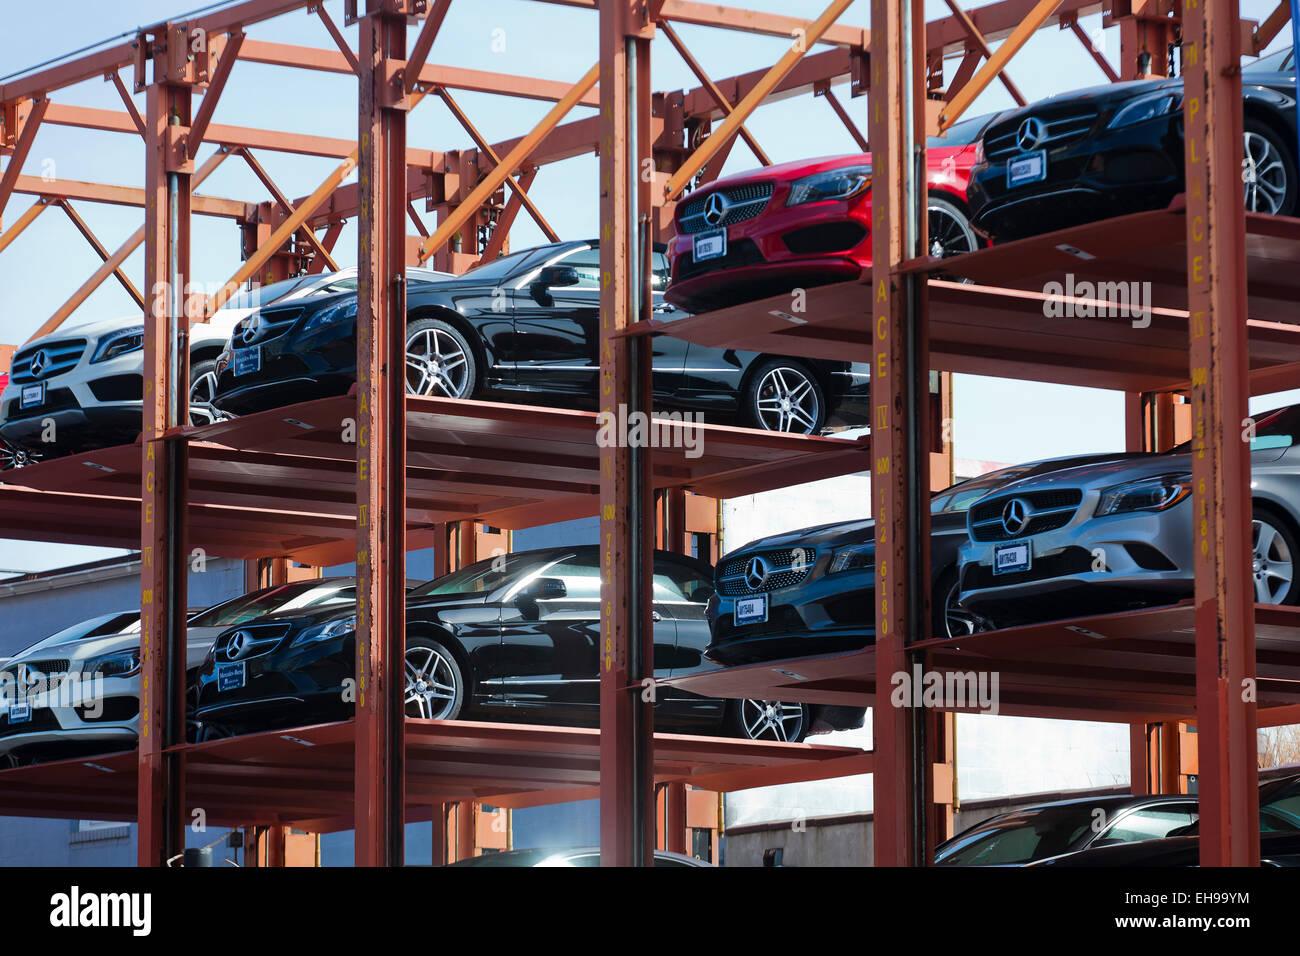 Temporäre Stahlskelettbauweise Parkplatz Struktur im Autohaus - USA Stockbild